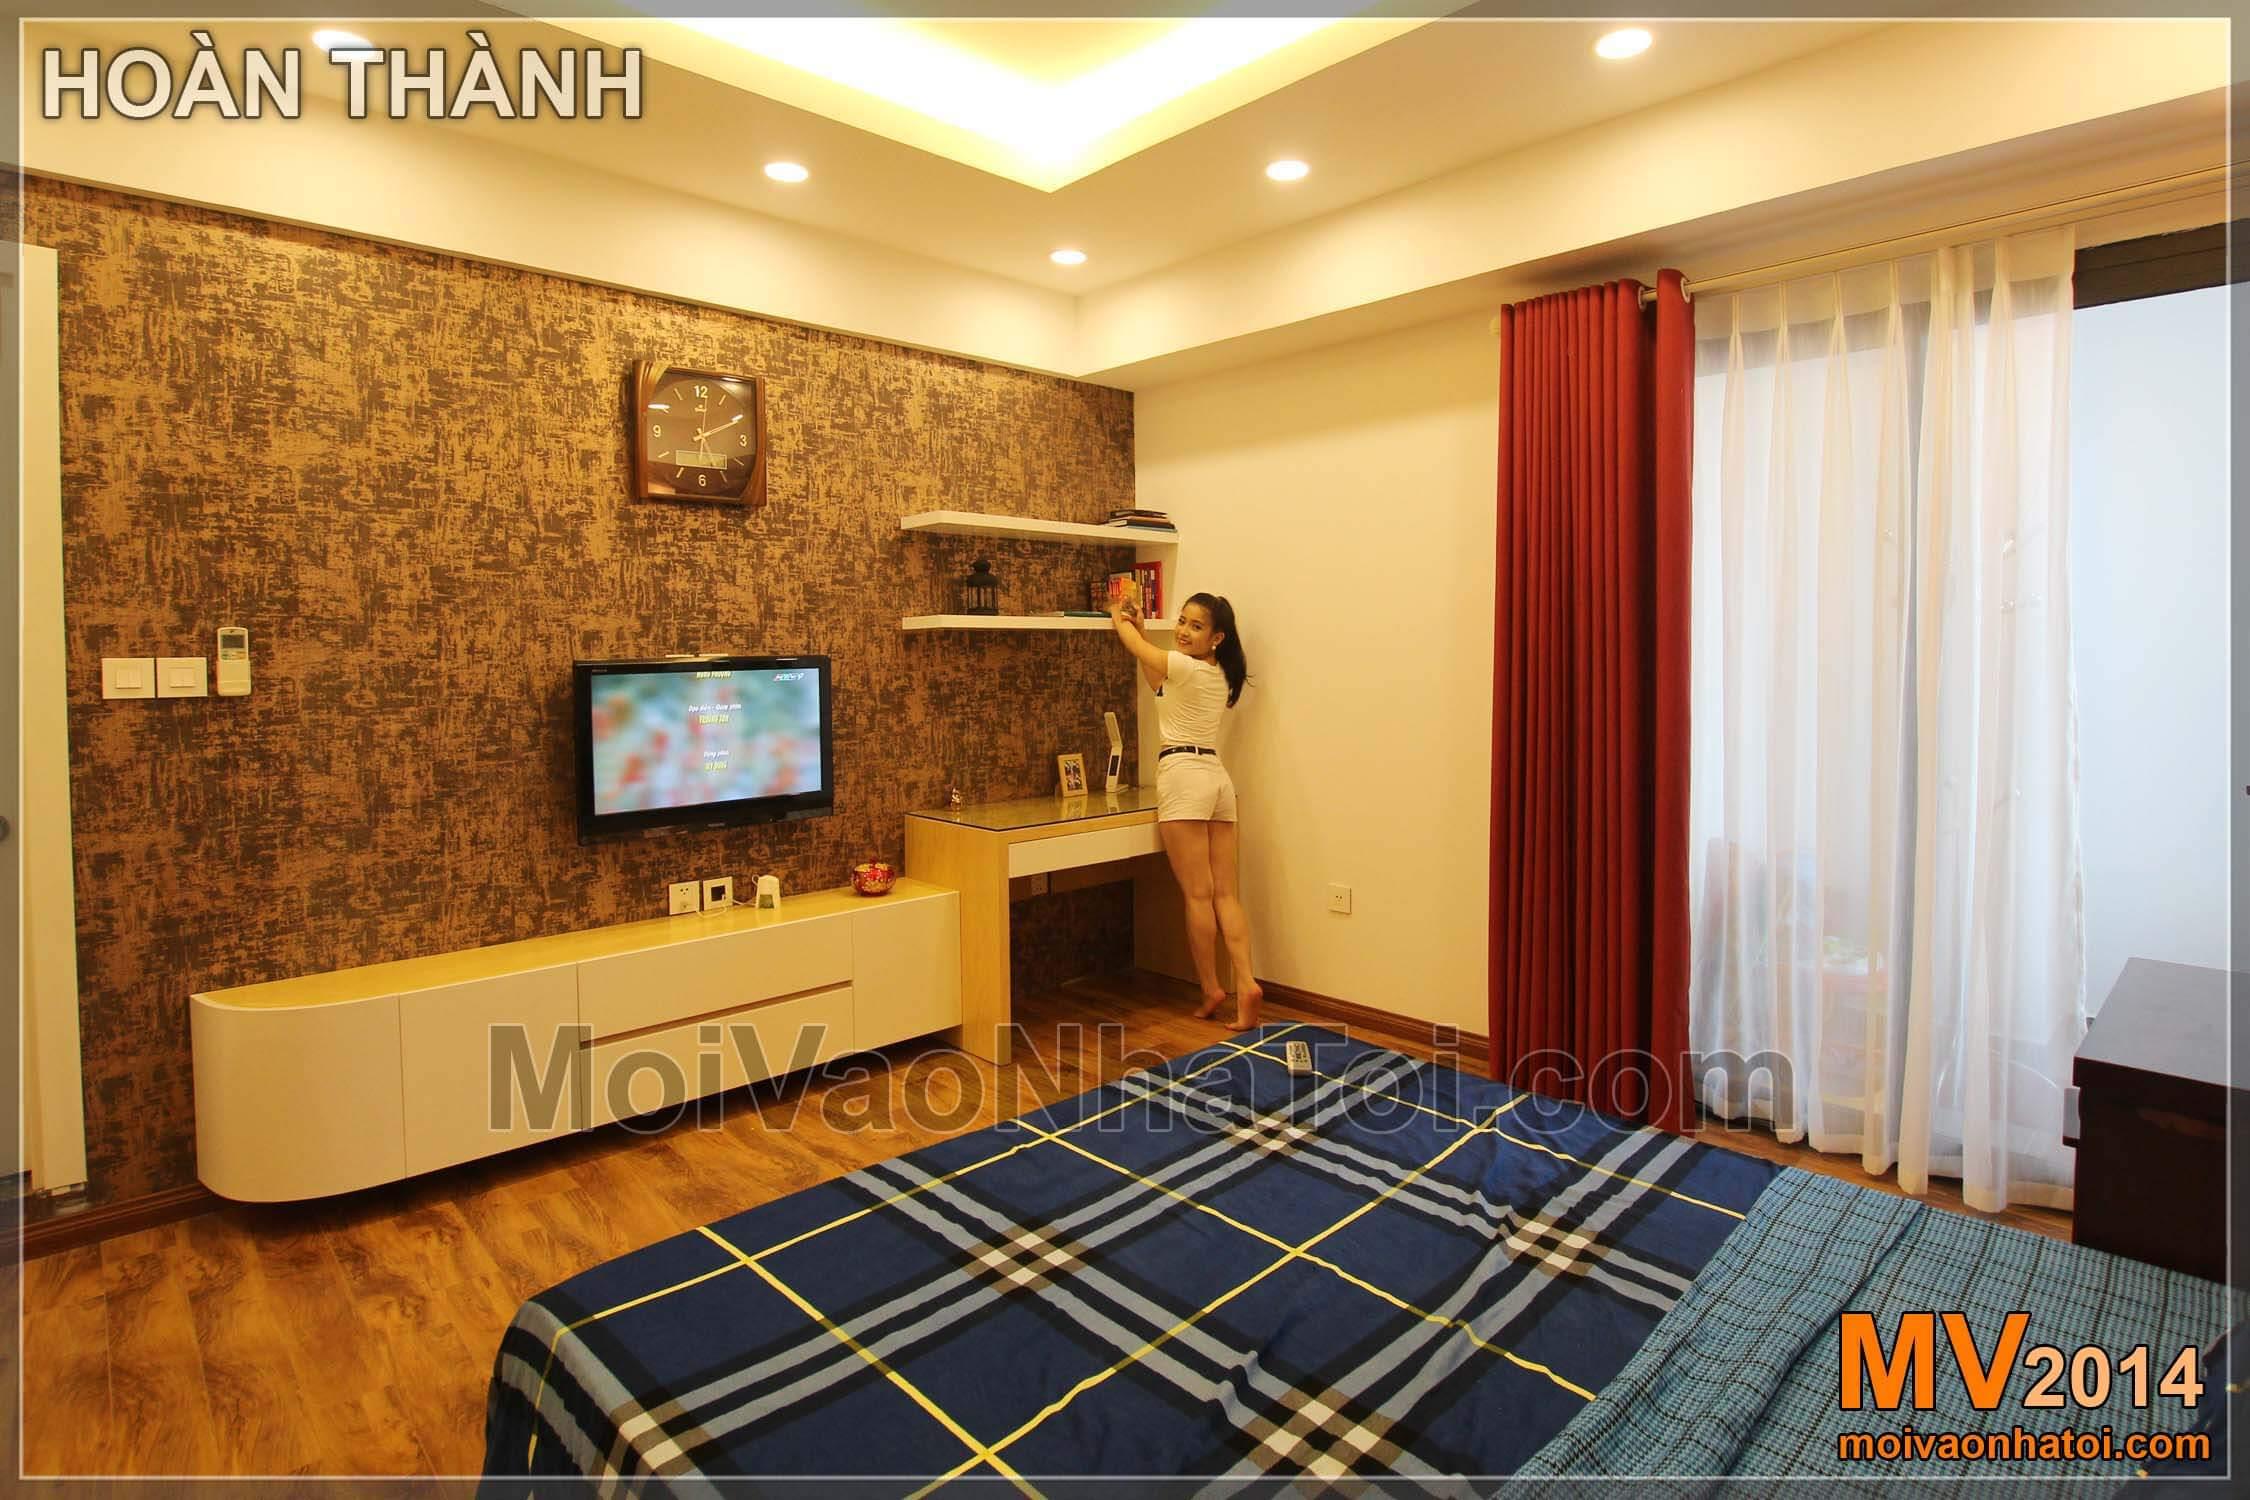 Chung cư Star City đồ gỗ trong phòng ngủ bố mẹ